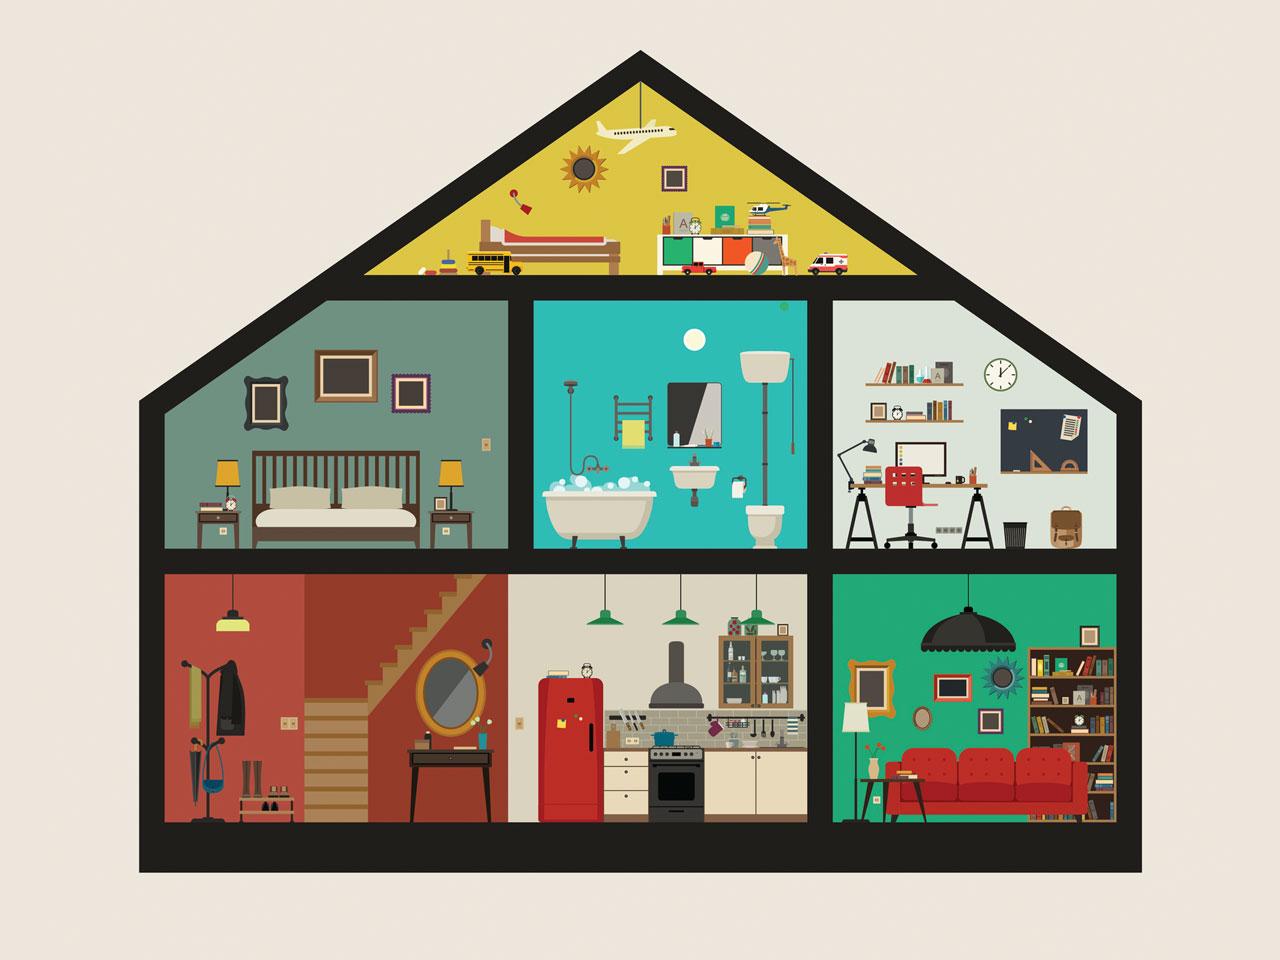 La superficie moyenne d'un logement est de 102 m²